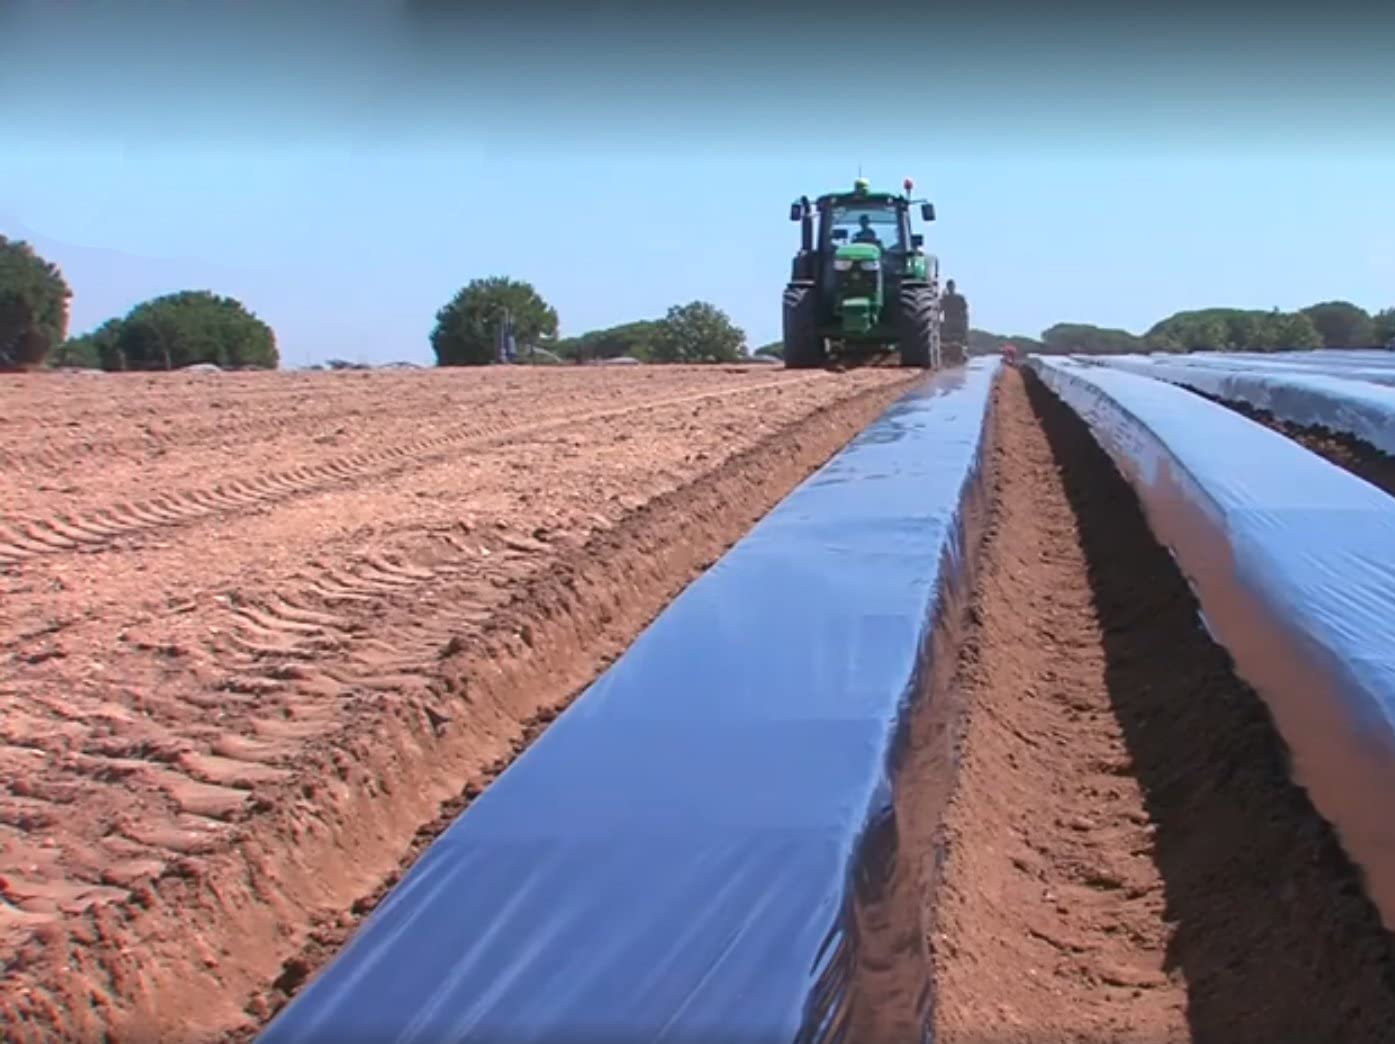 PAMPOLS Bobina de Film de Acolchado para plantaciones ...